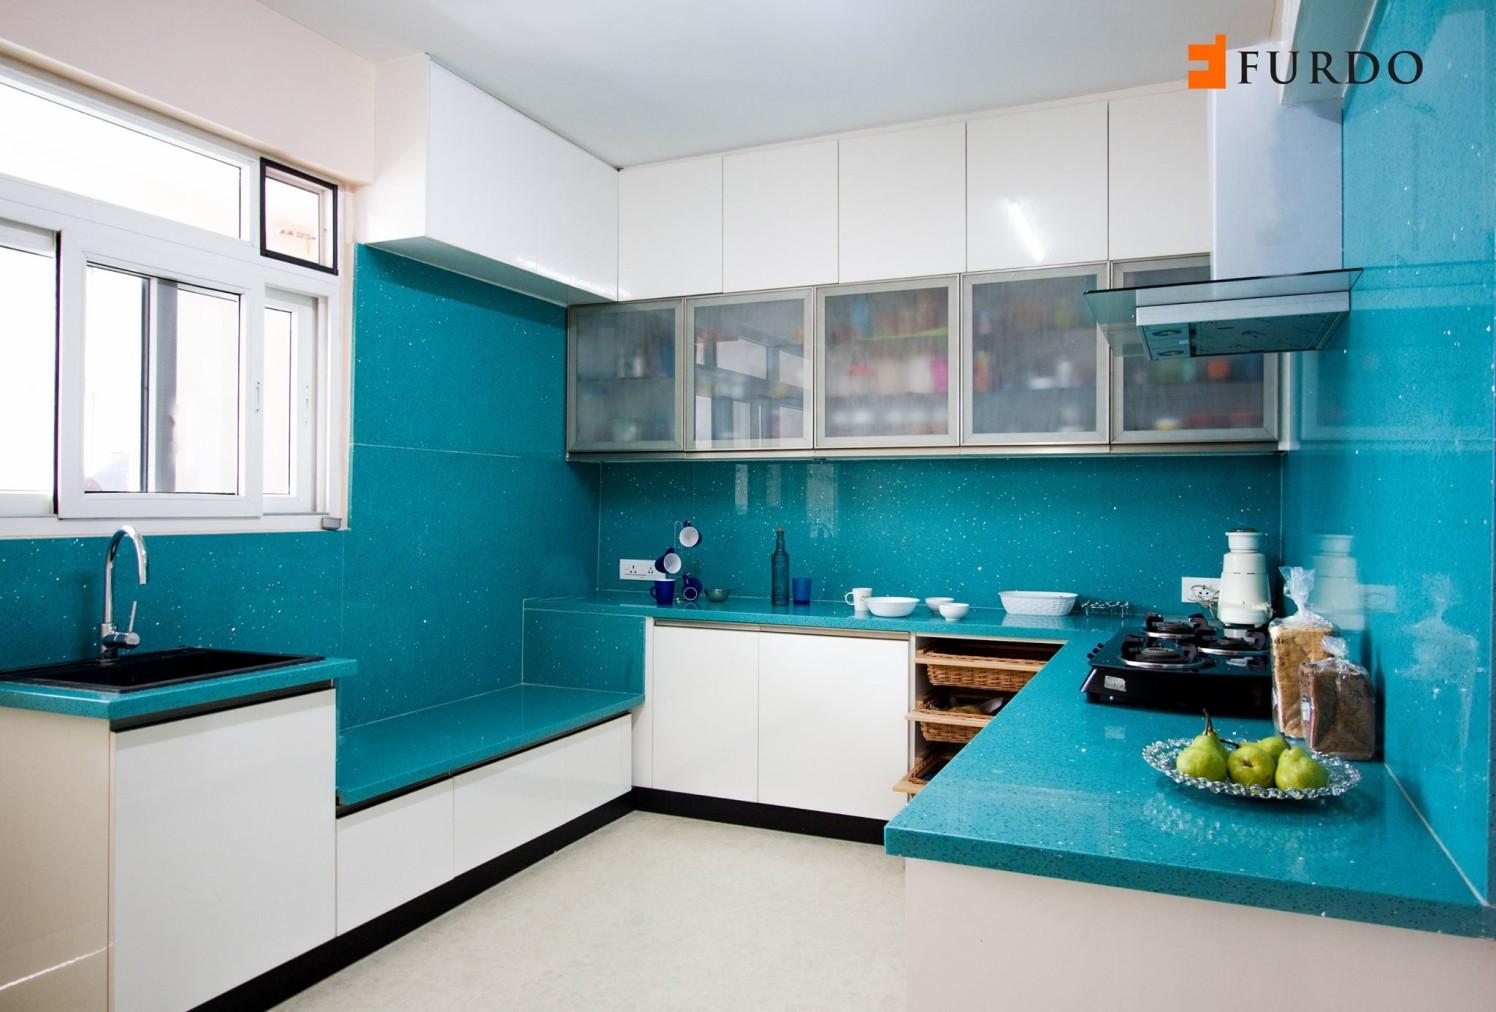 Blue Shade Interior Kitchen With Cabinets by Furdo.com Modular-kitchen Modern | Interior Design Photos & Ideas